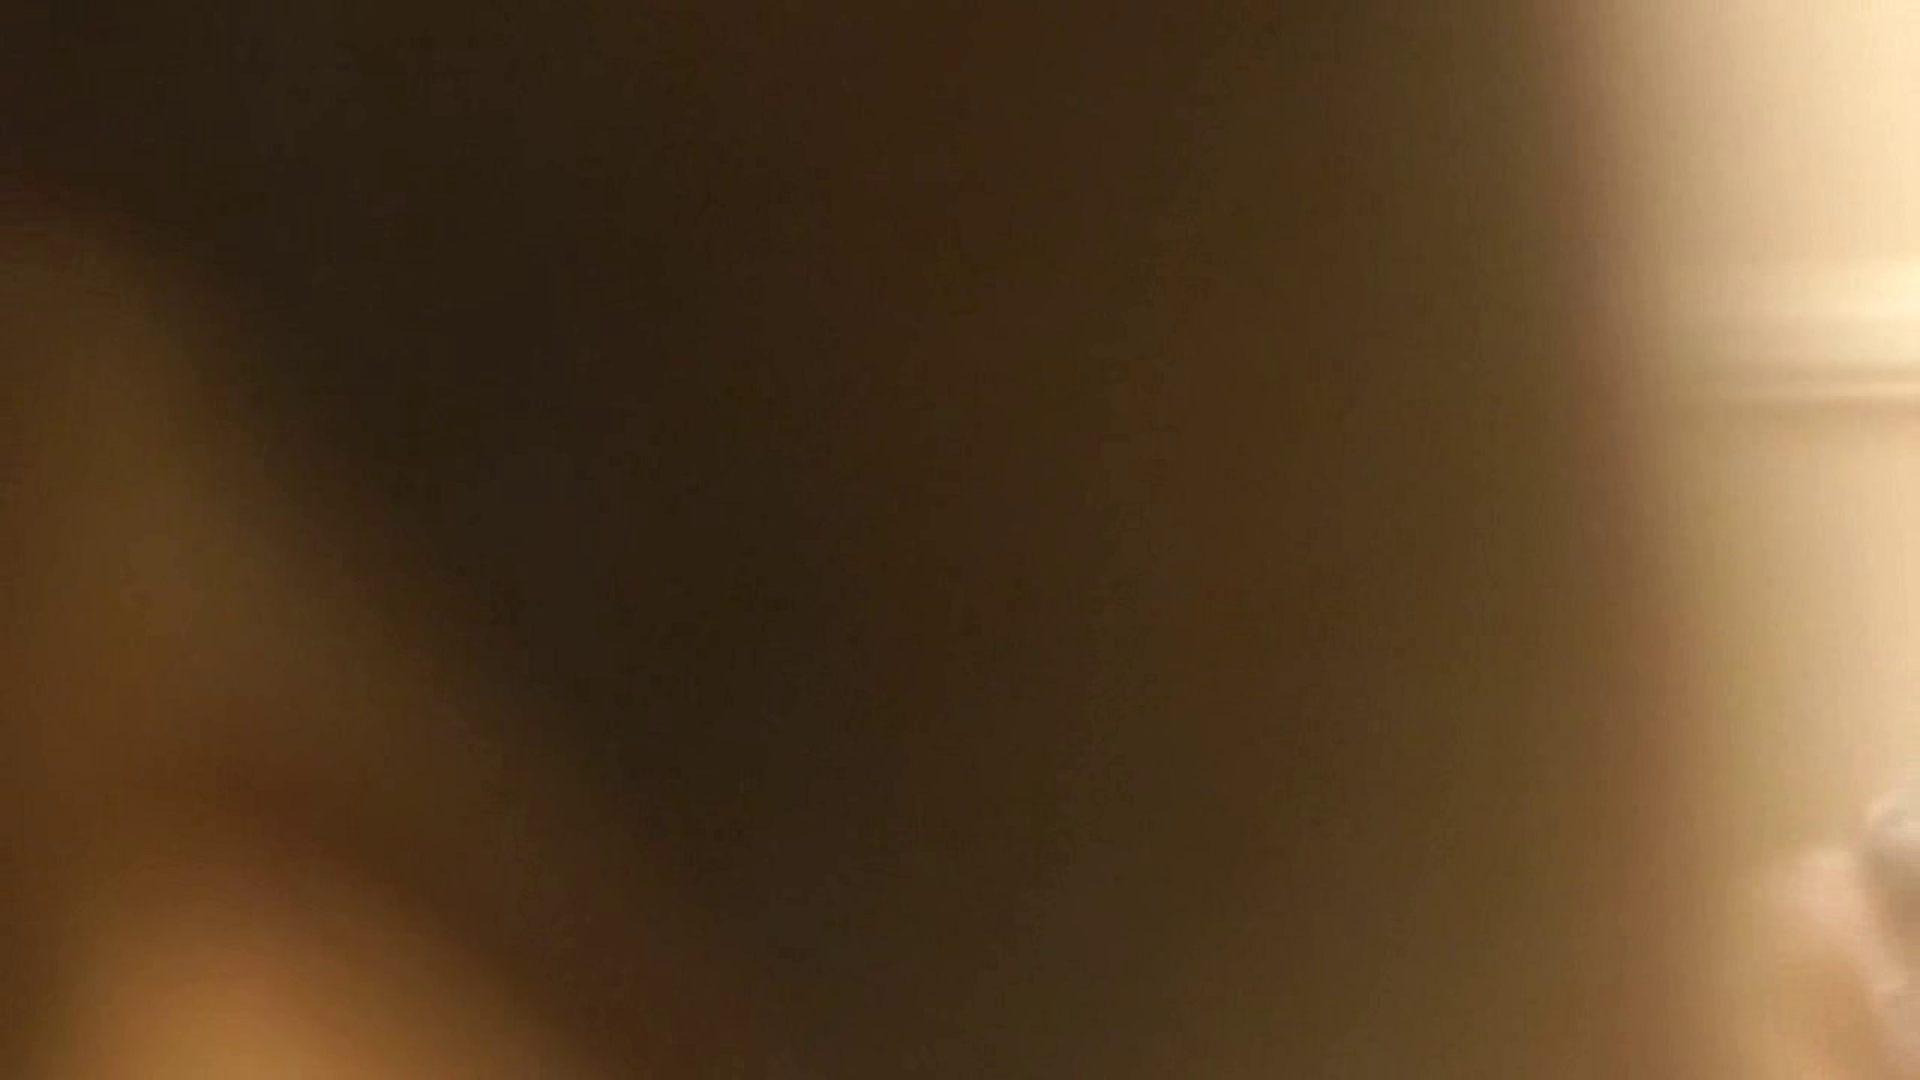 vol.1 Mayumi 窓越しに入浴シーン撮影に成功 OL   入浴シーン  89連発 28